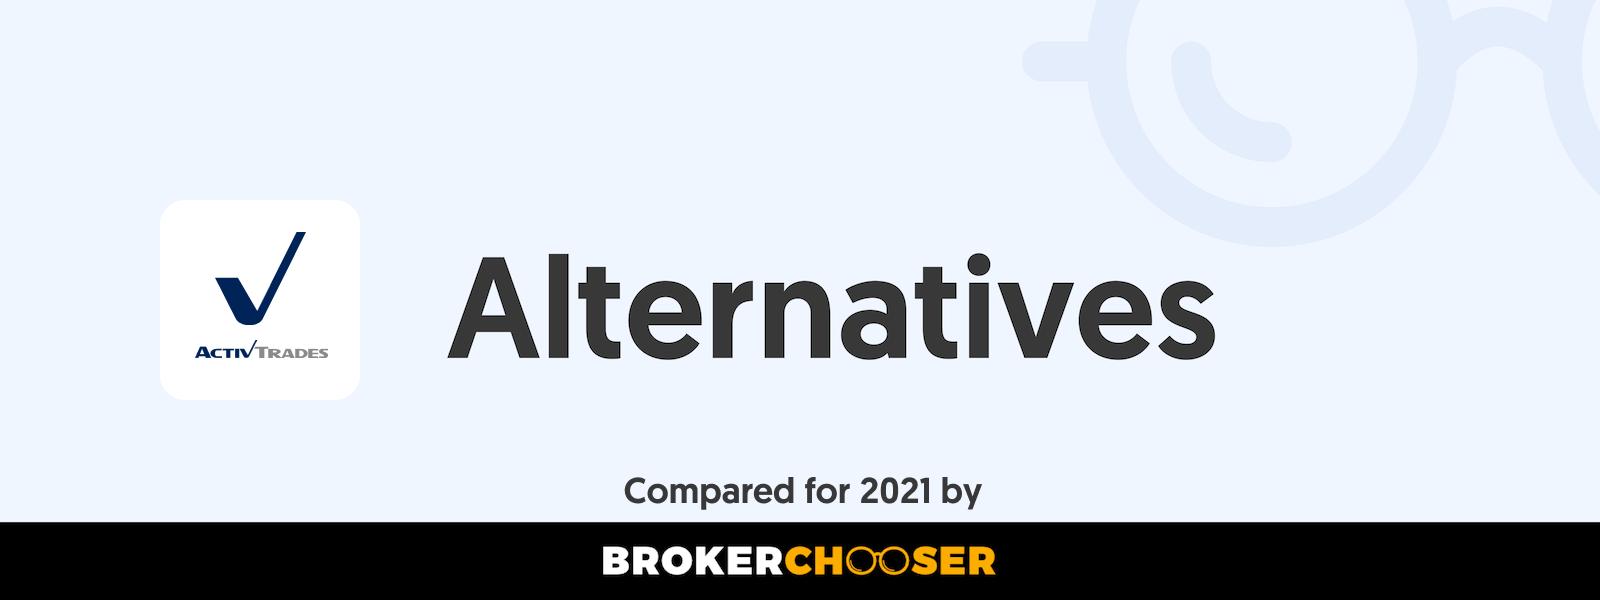 ActivTrades Alternatives